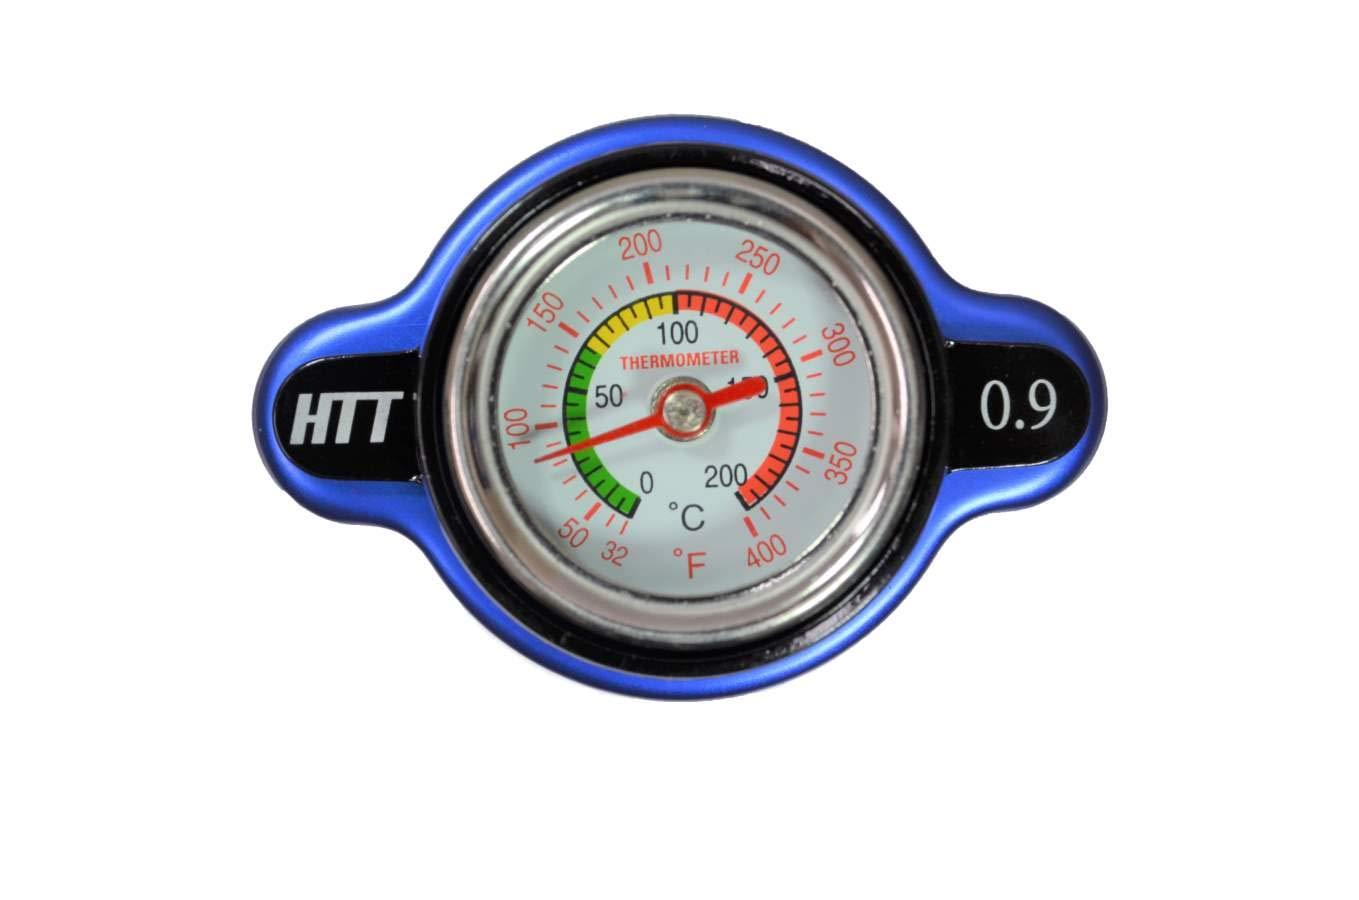 High Pressure Radiator Cap with Temperature Gauge 1.8 Bar for Polaris RANGER 1000 XP CREW EPS 2017-2018